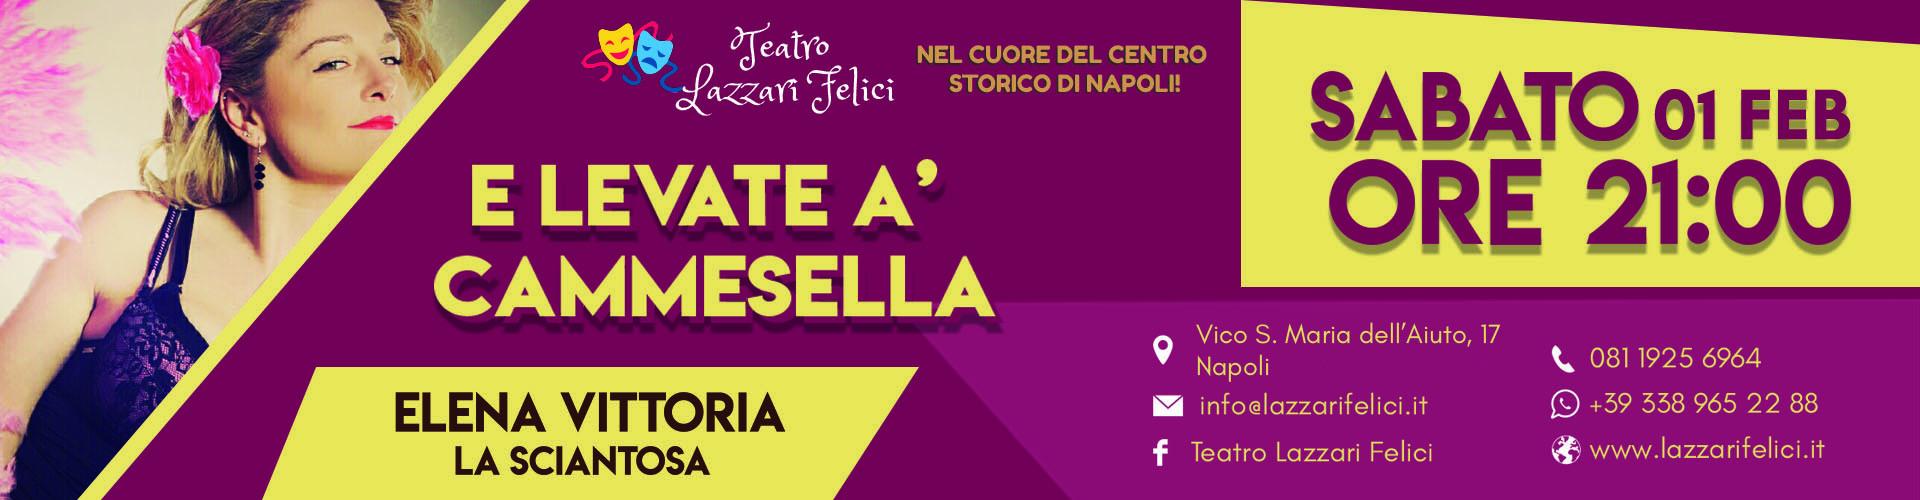 Spettacolo Sciantosa a Napoli Sabato 1 Febbraio 2020